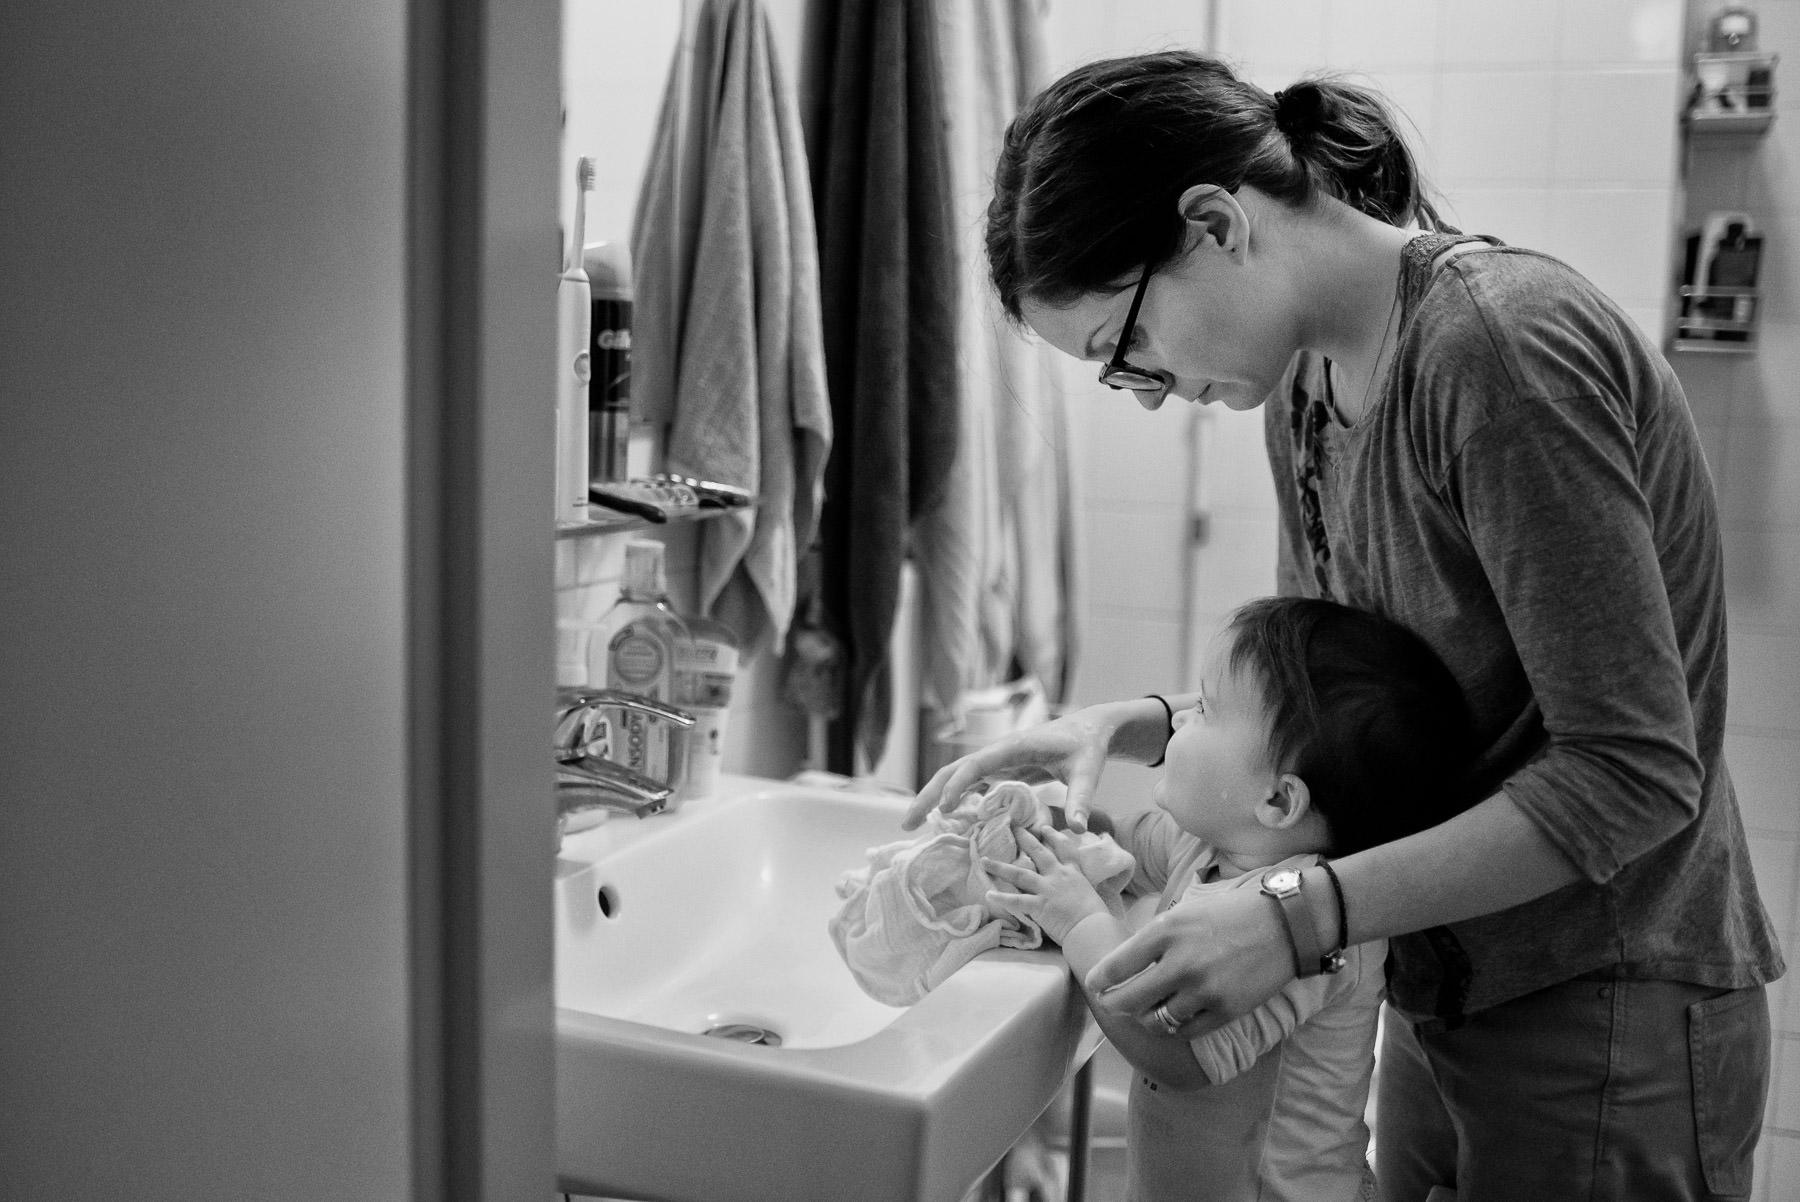 mum washing daughter's hands